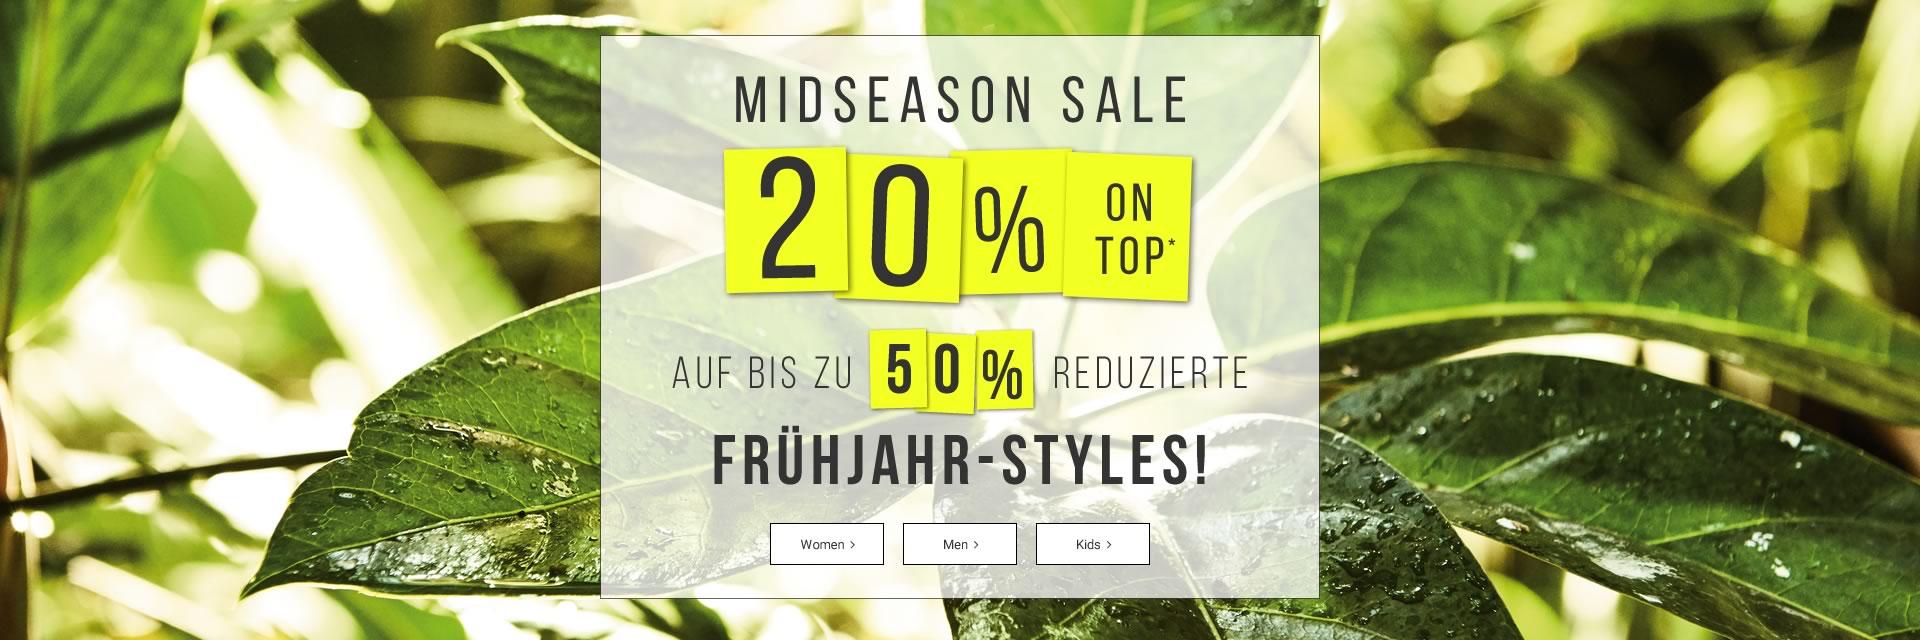 20% Extra Rabatt auf bis zu 50% reduzierte Frühjahr-Styles bei Tom Tailor